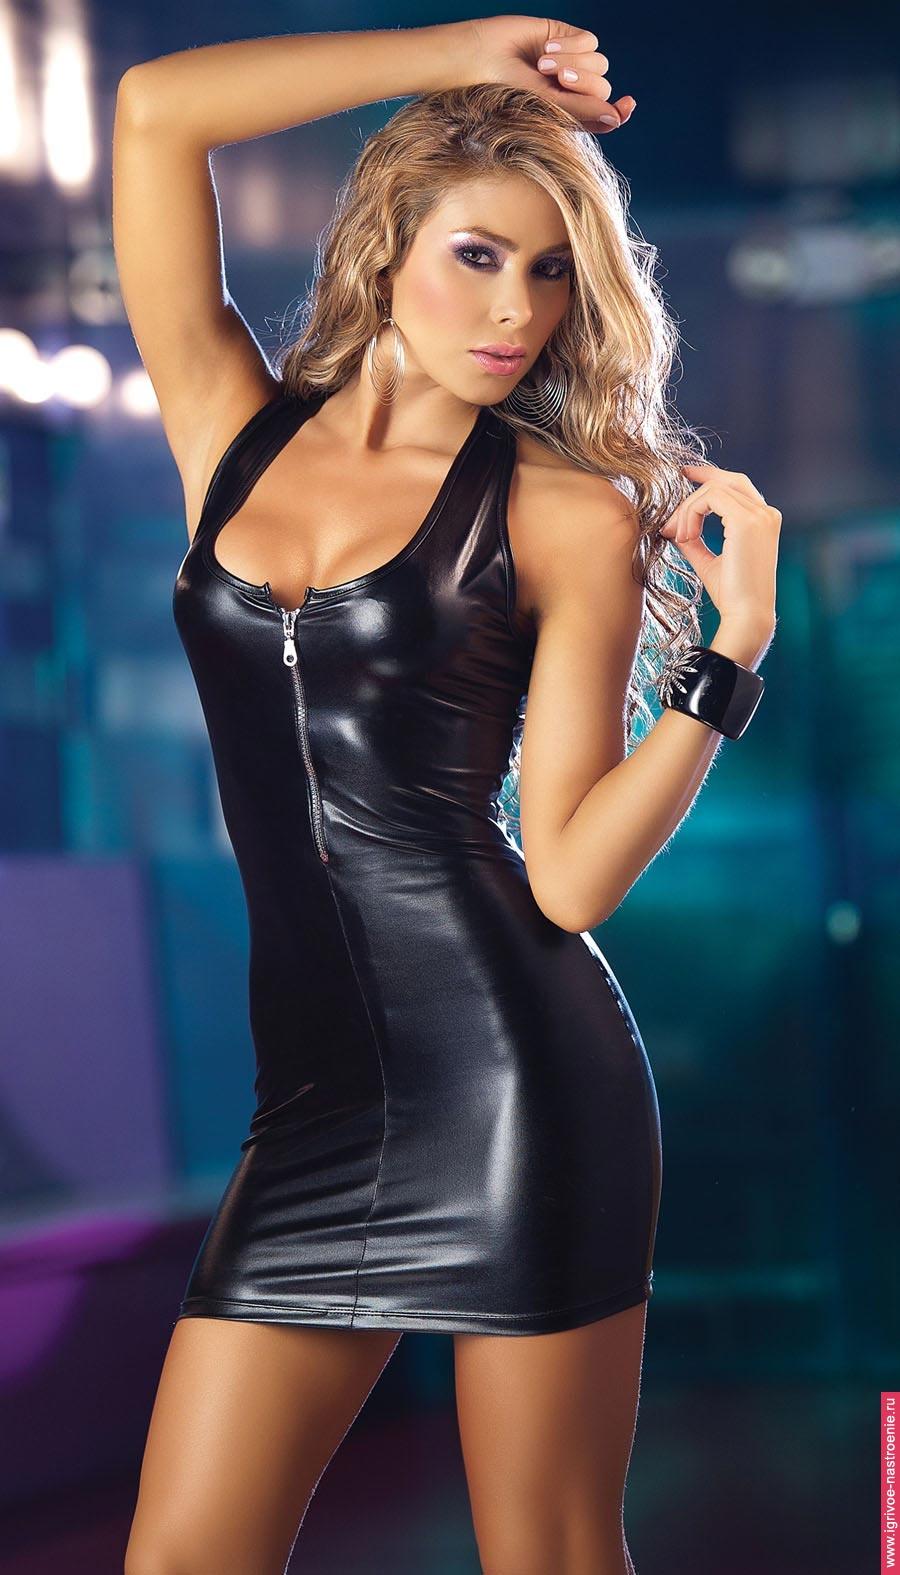 Сексуальные девушки в кожаных одеждах 25 фотография